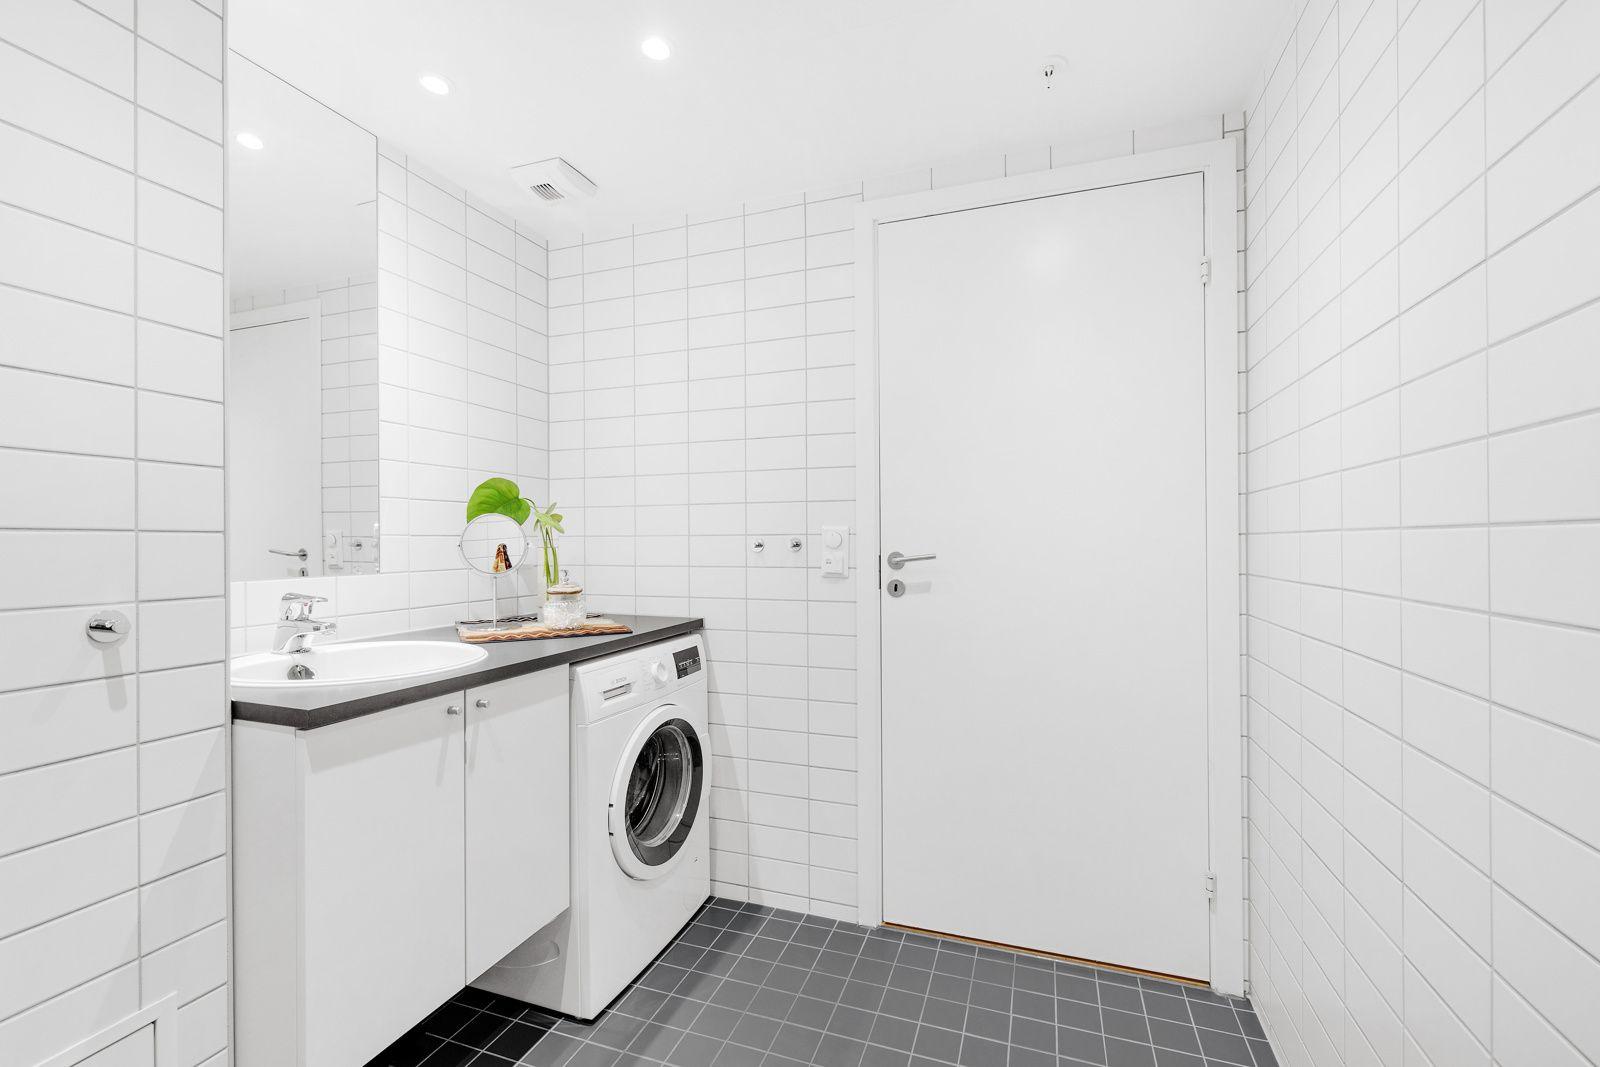 Hans Nielsen Hauges gate 37 F Videre inneholder badet dusjnisje med innfellbare glassdører (nye i oktober 2021), veggmontert hånddusj og avtrekksventil med mekanisk avtrekk.